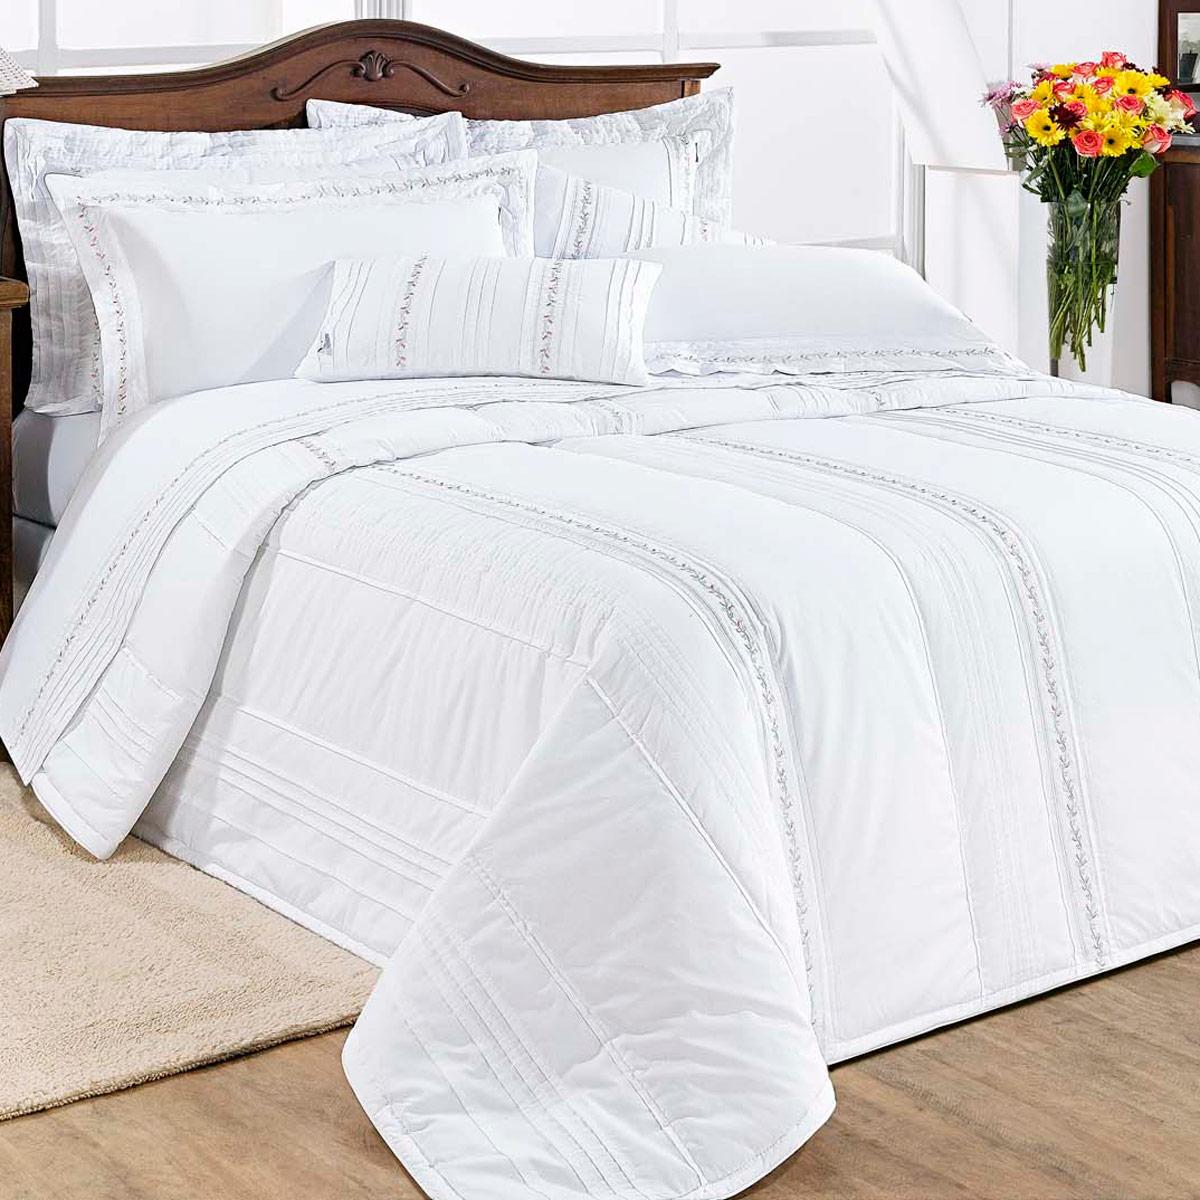 Colcha de cama cama super king size branco percal 200 fios - Tipos de colchas ...